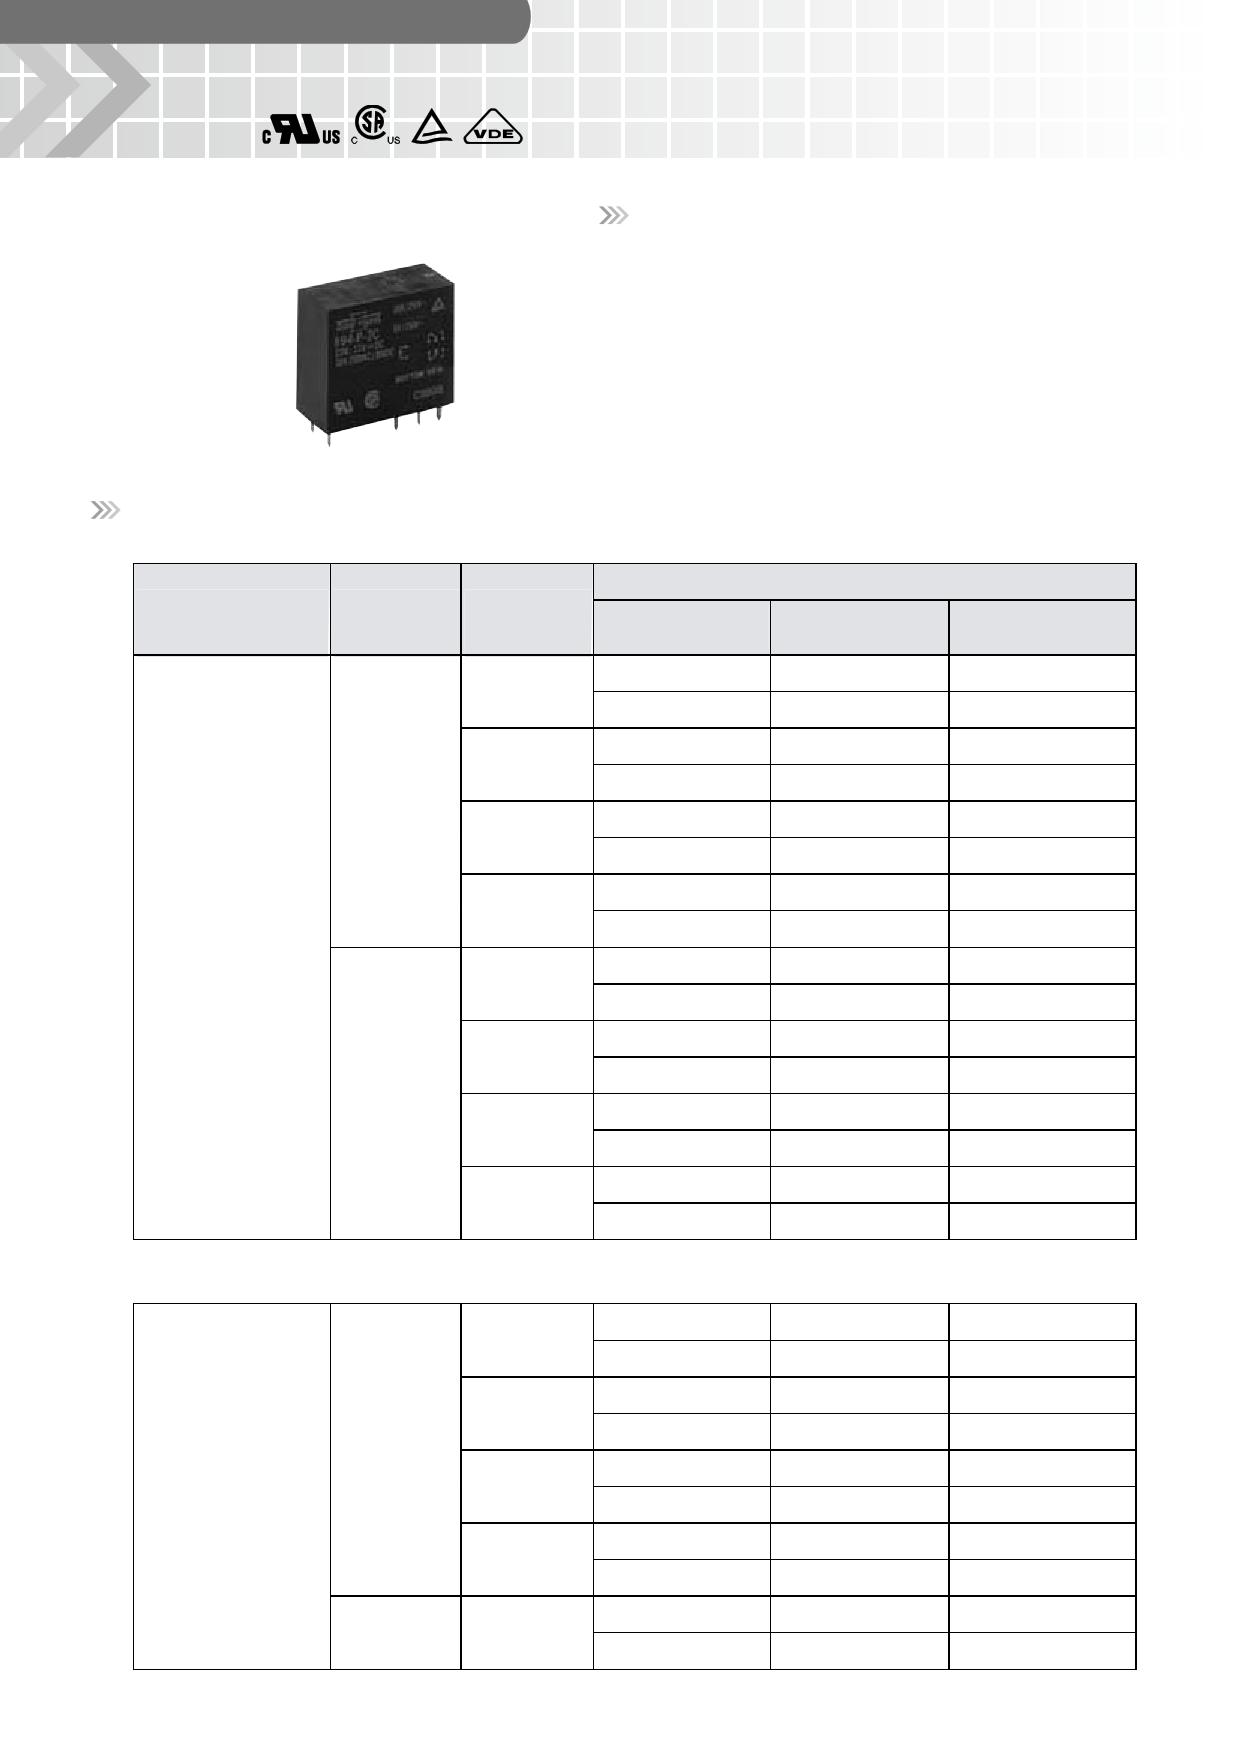 894-2AC1-F-V Datasheet, 894-2AC1-F-V PDF,ピン配置, 機能